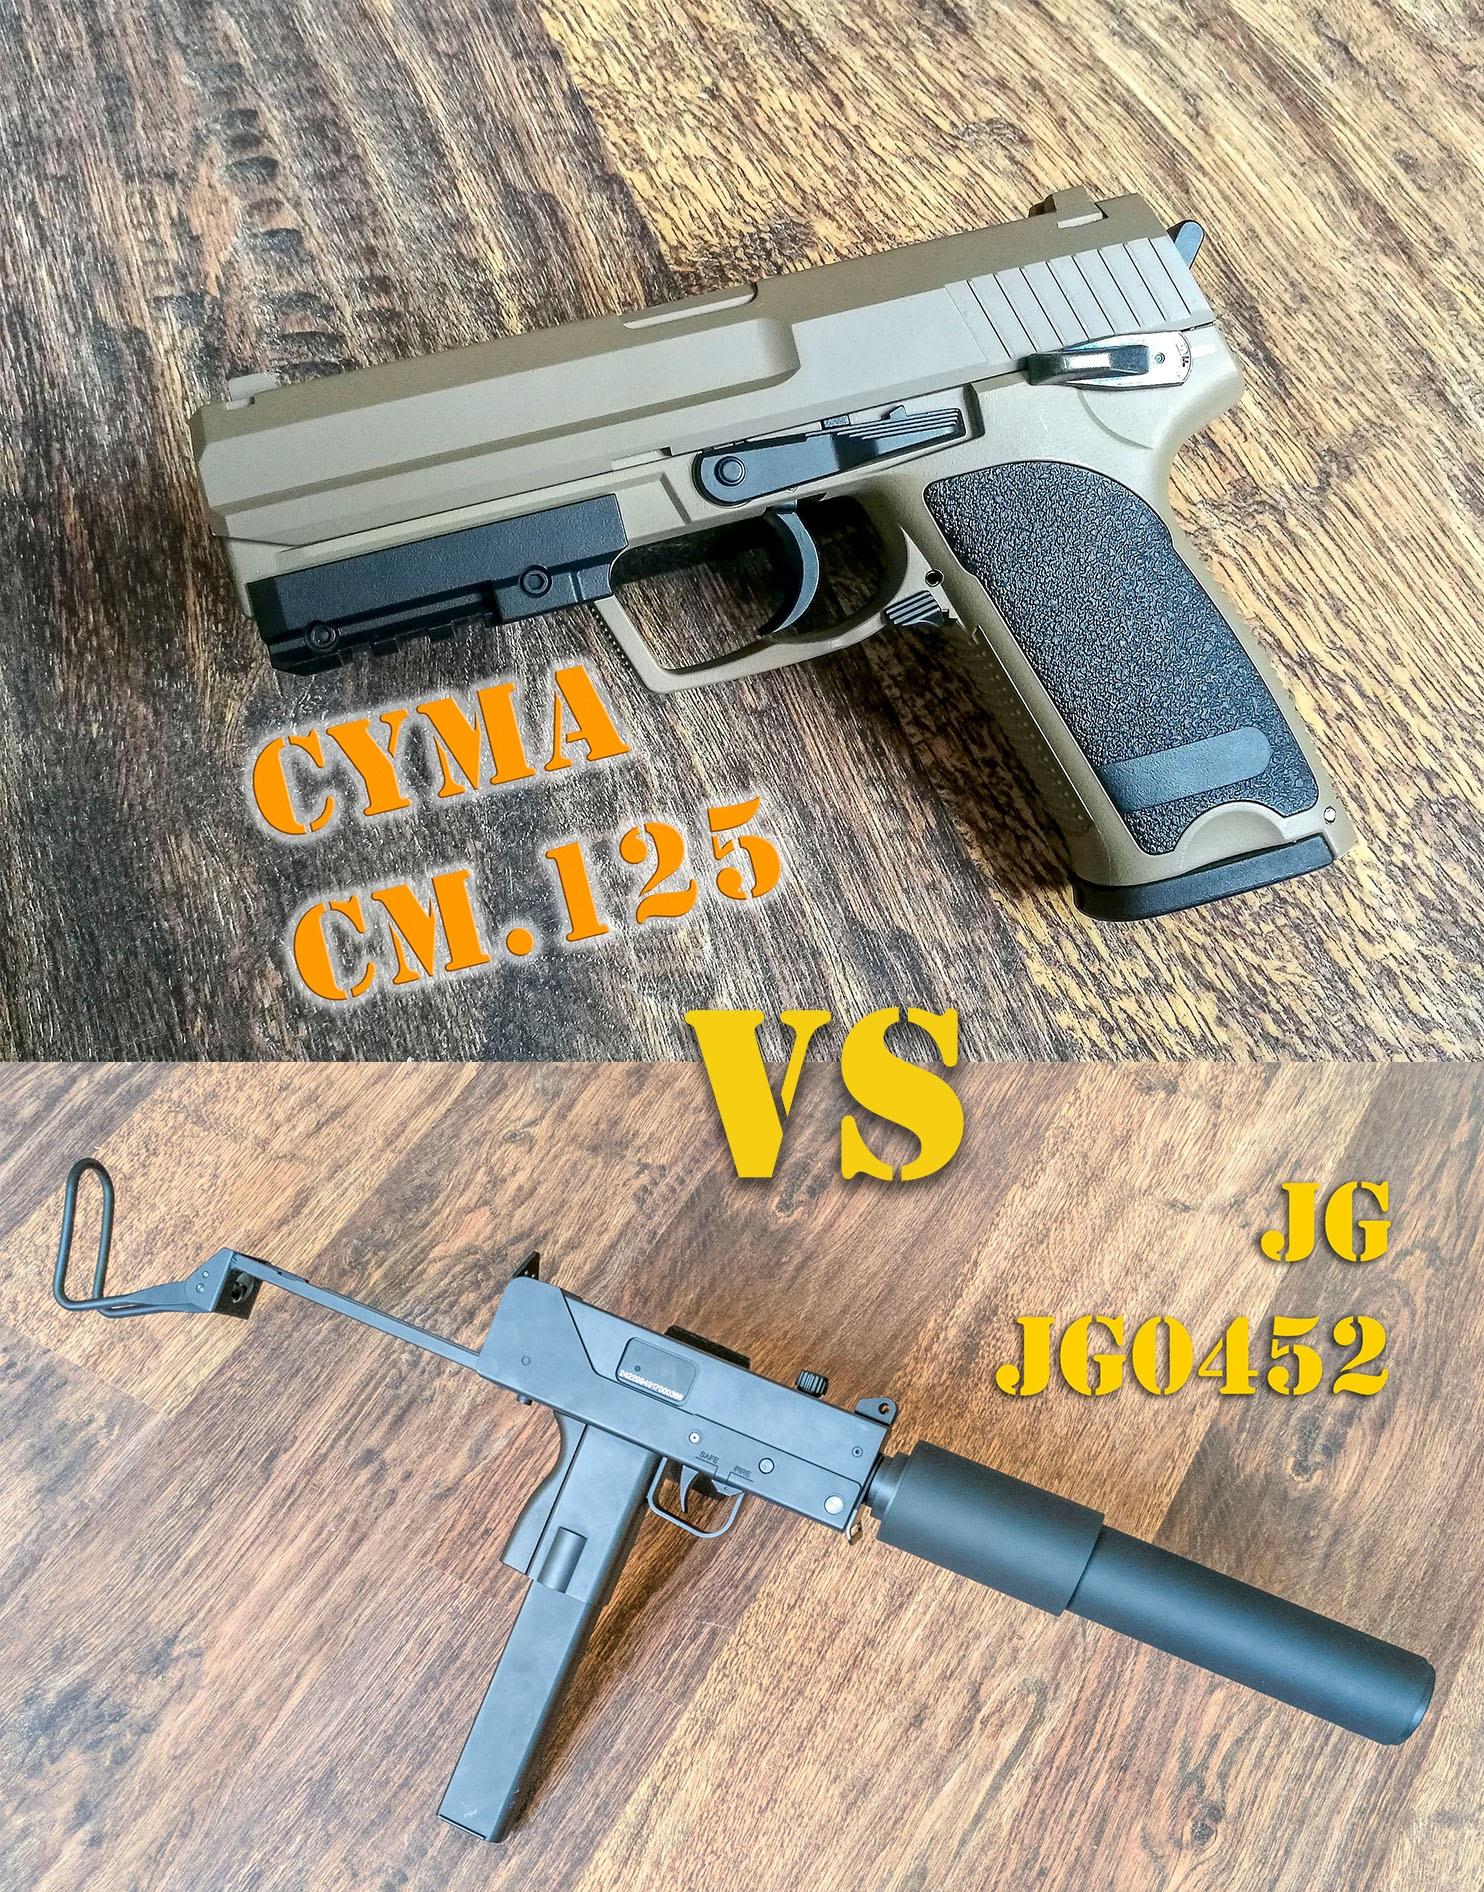 smg_vs_pistol_2_jpg.jpg